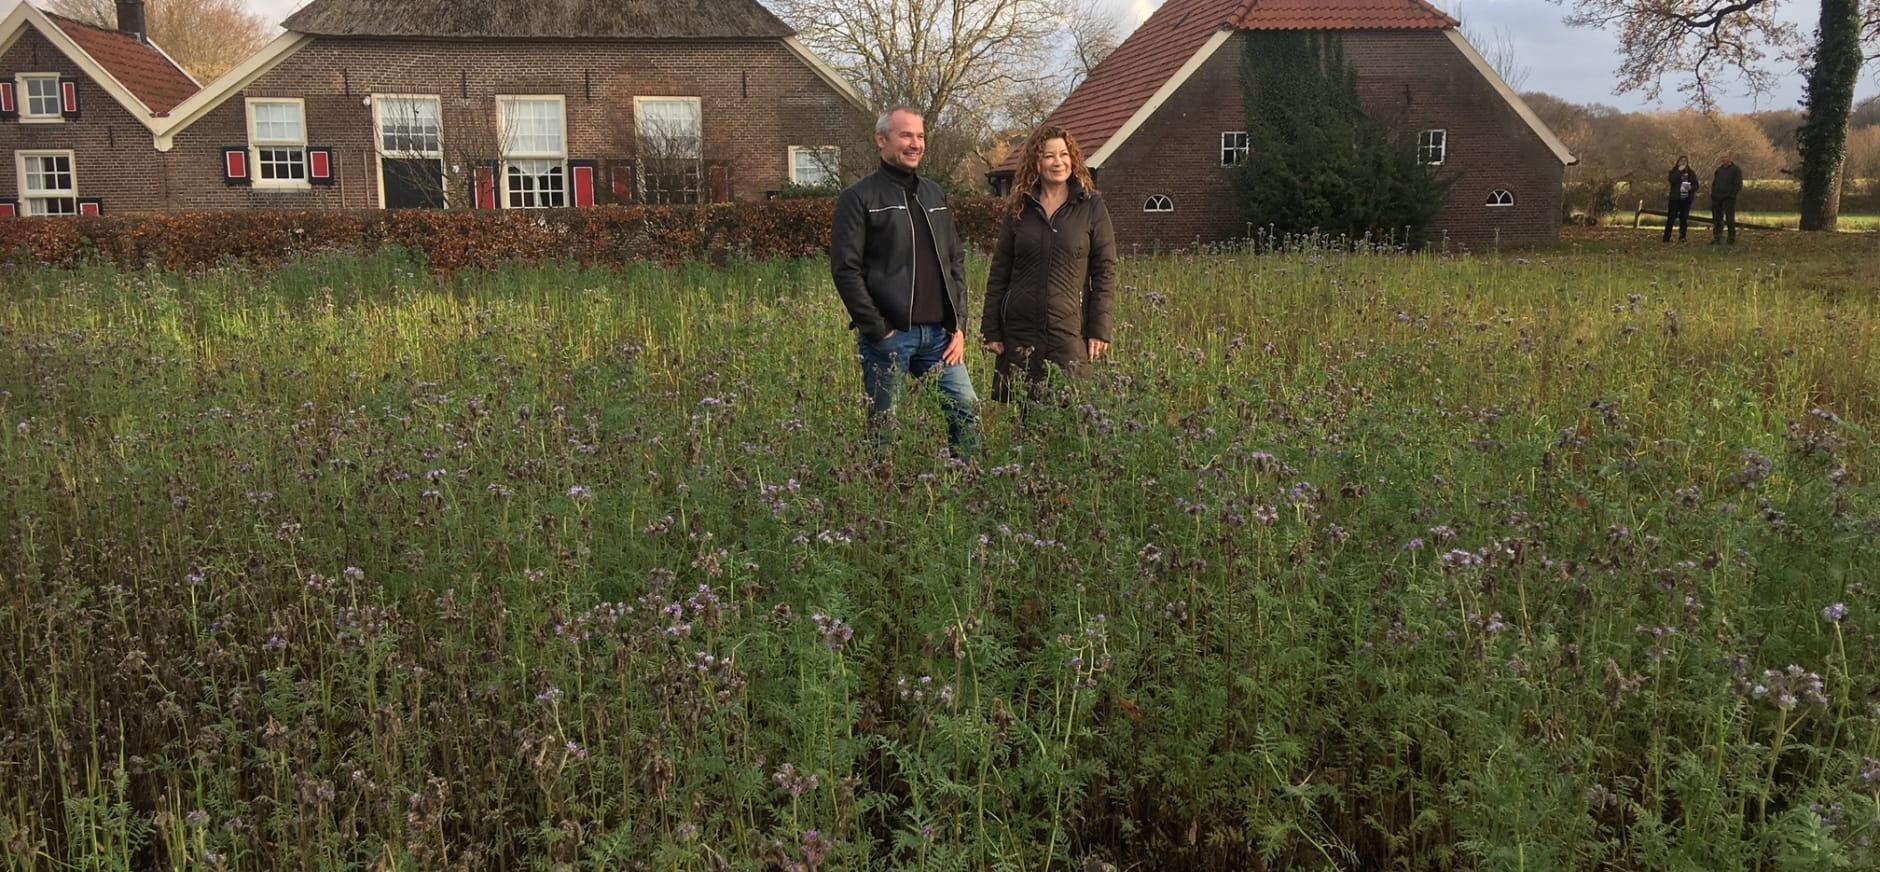 De nieuwe natuurboer Arjen van Buuren met zijn vrouw Winny voor hun nieuwe boerderij op Velhorst